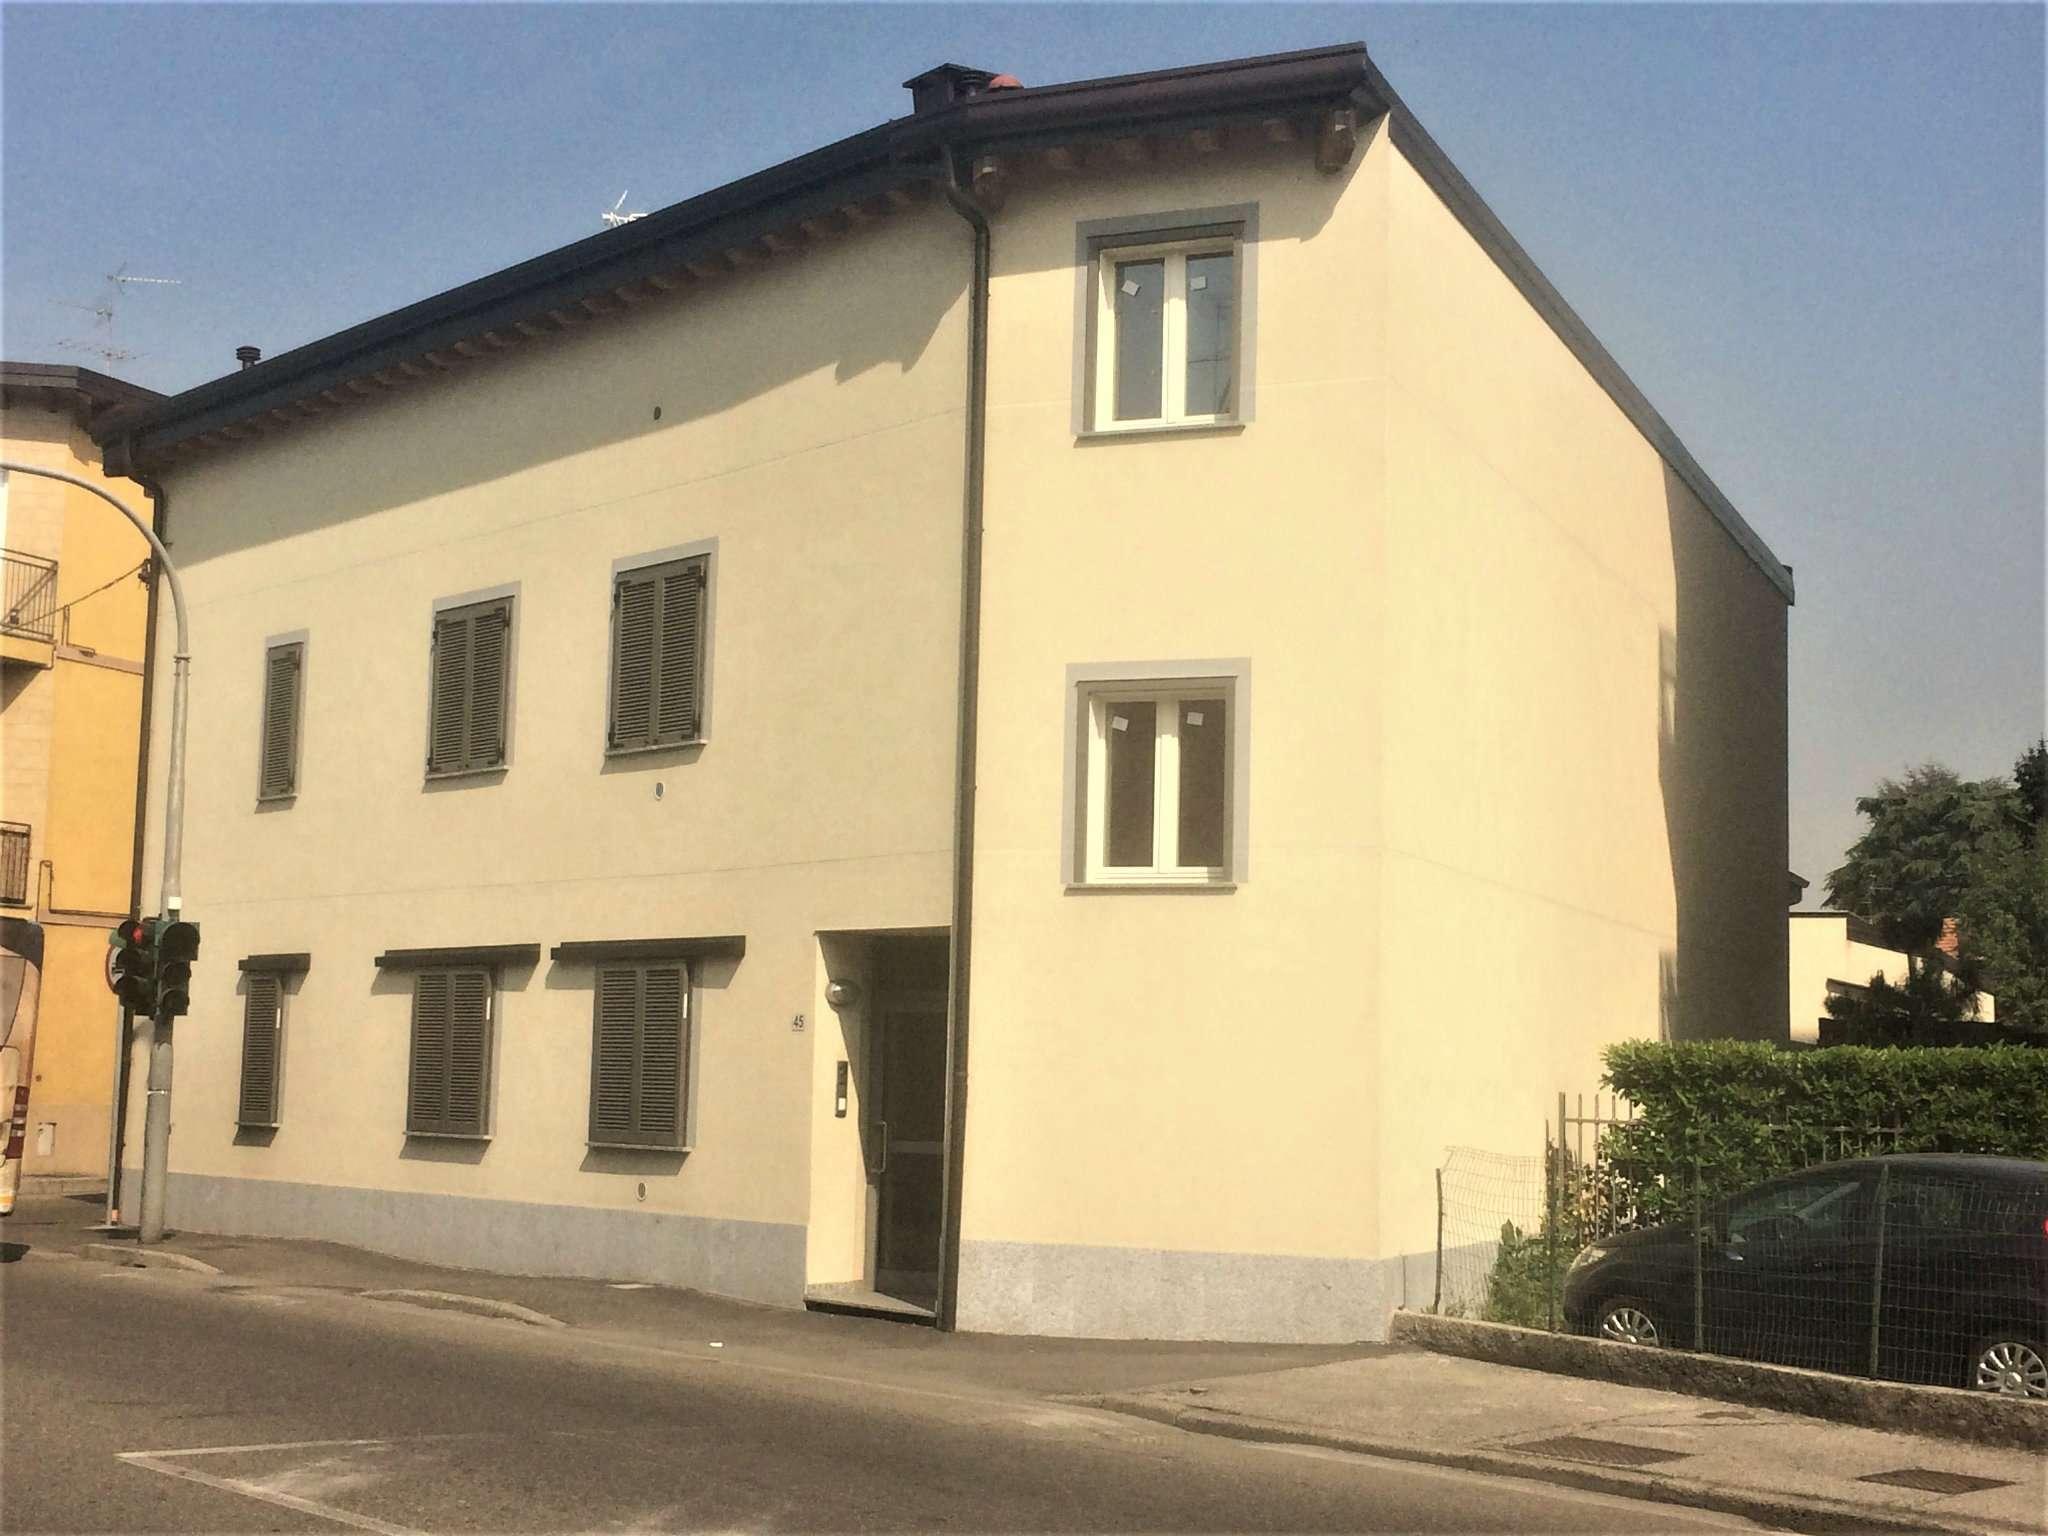 Appartamento in vendita a Nova Milanese, 3 locali, prezzo € 150.000 | Cambio Casa.it